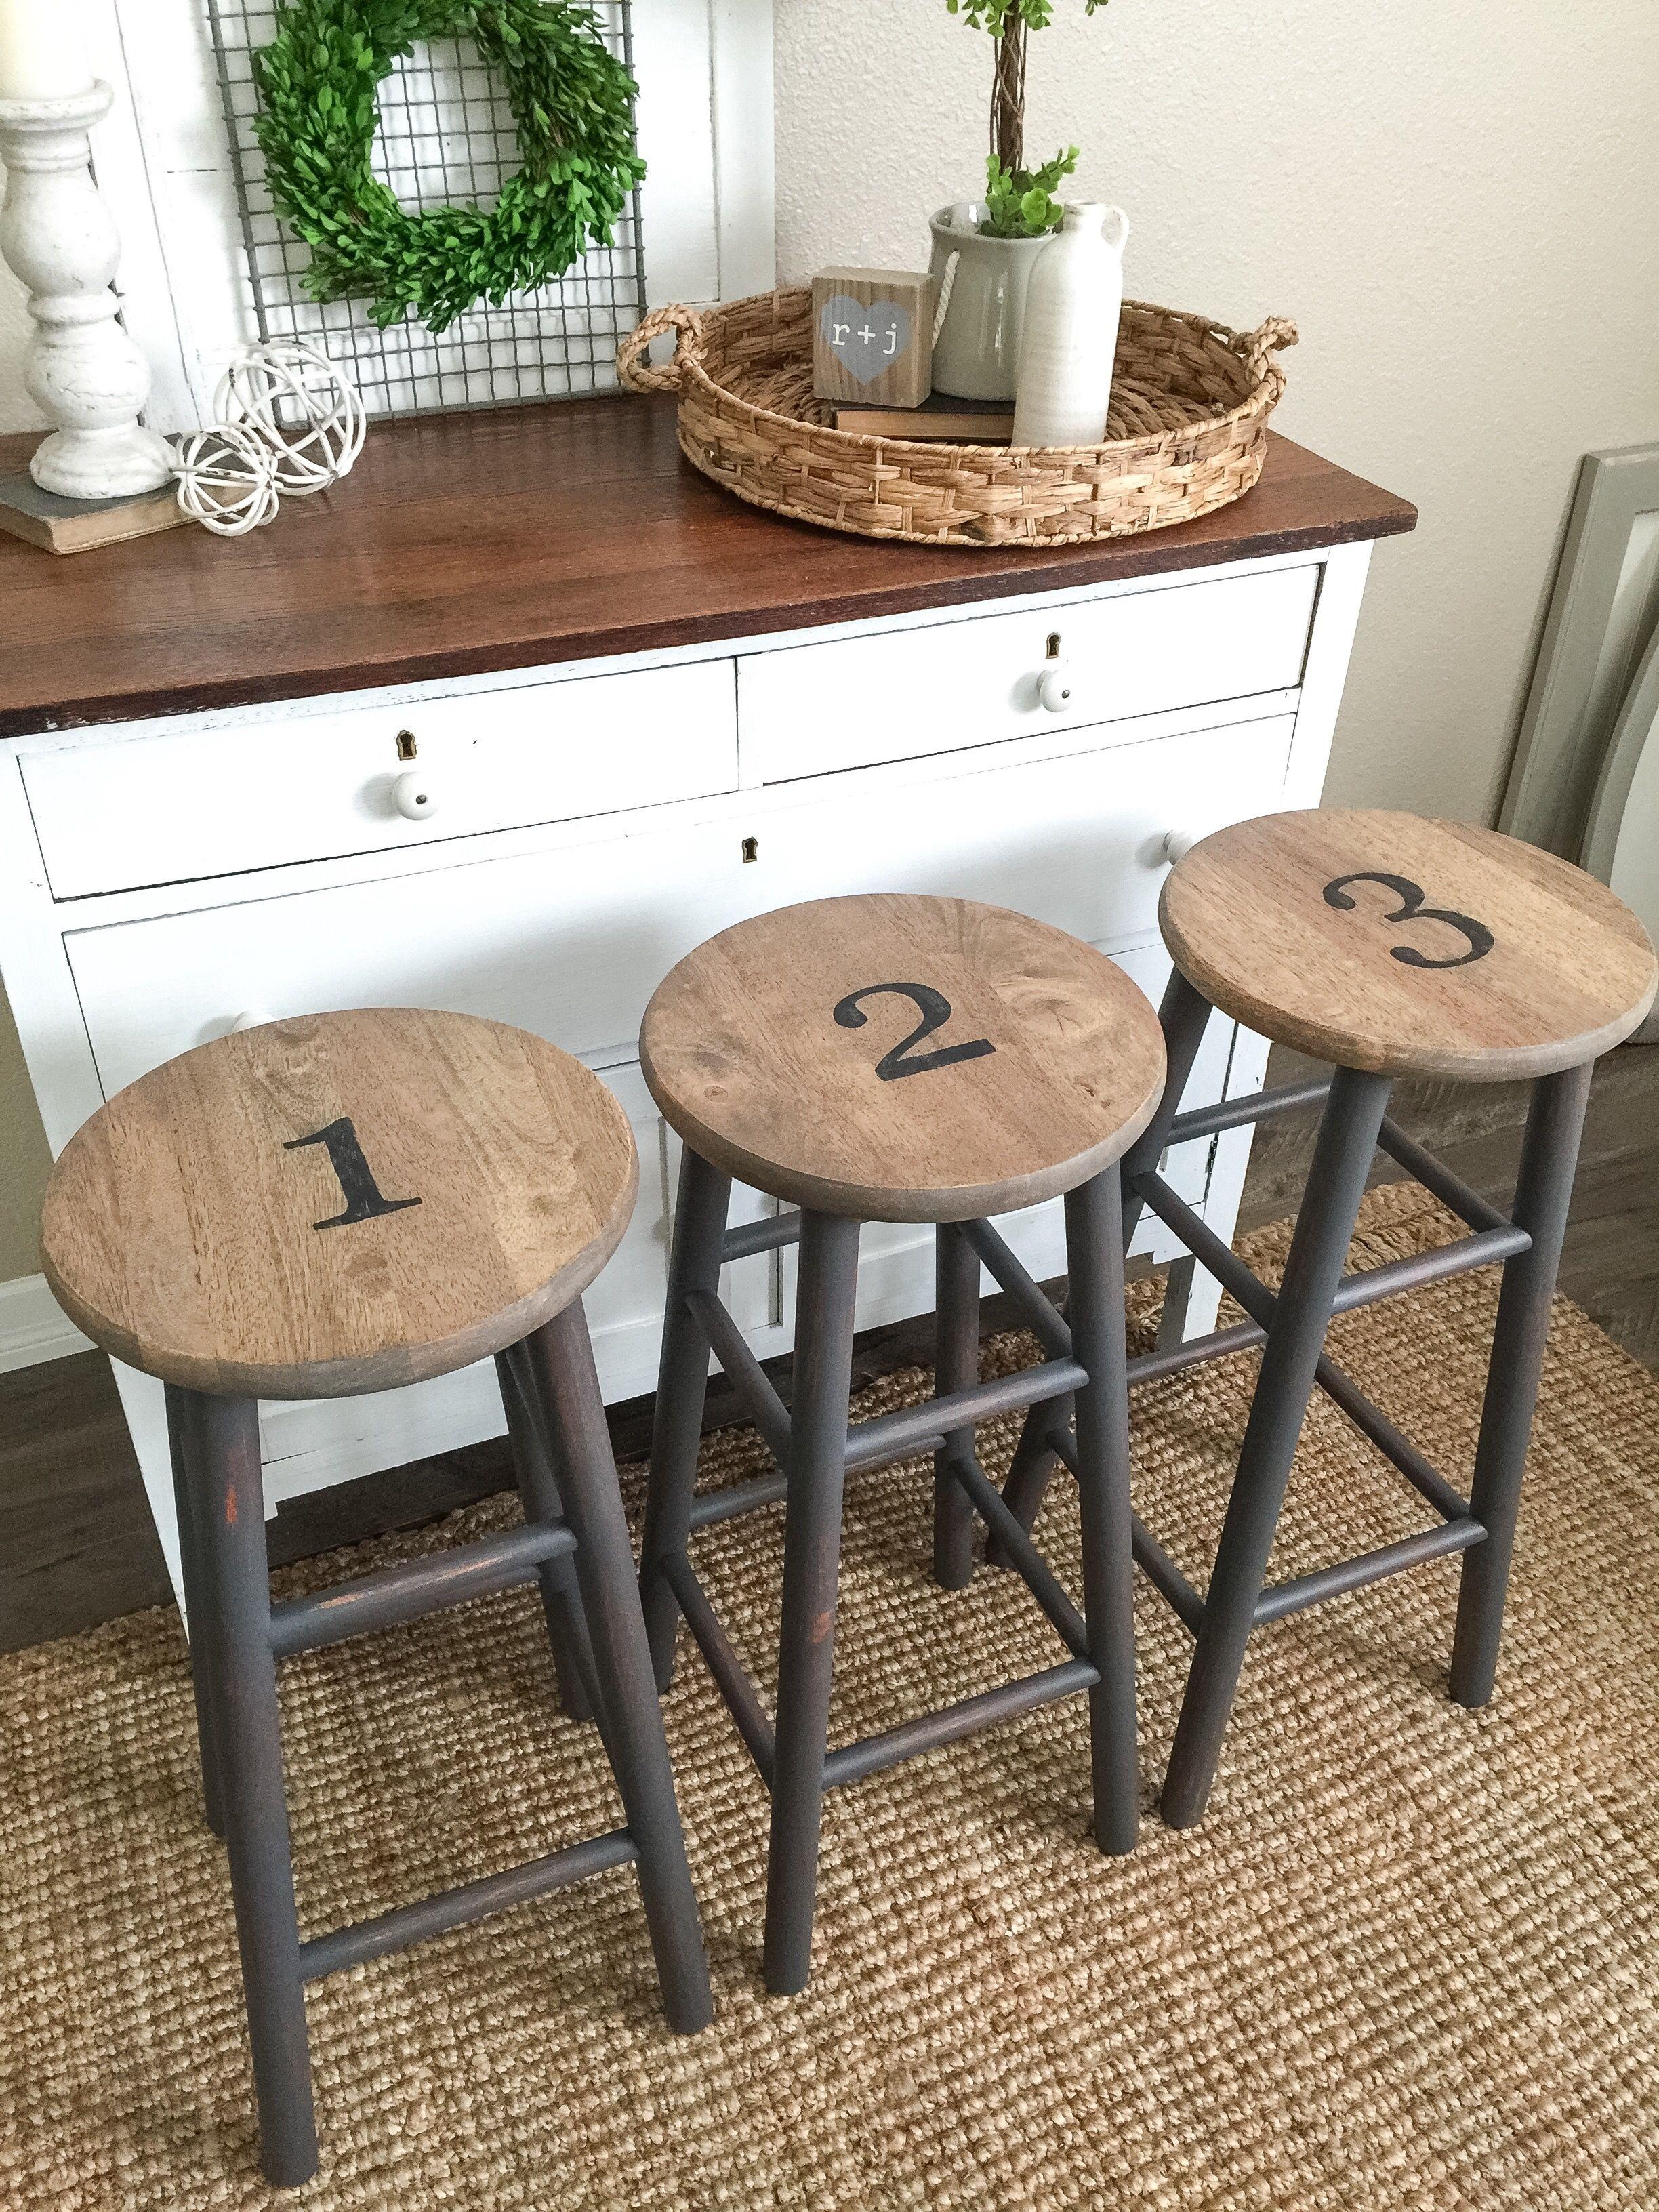 Dark Gray Numbered Stools Farmhouse style bar stools